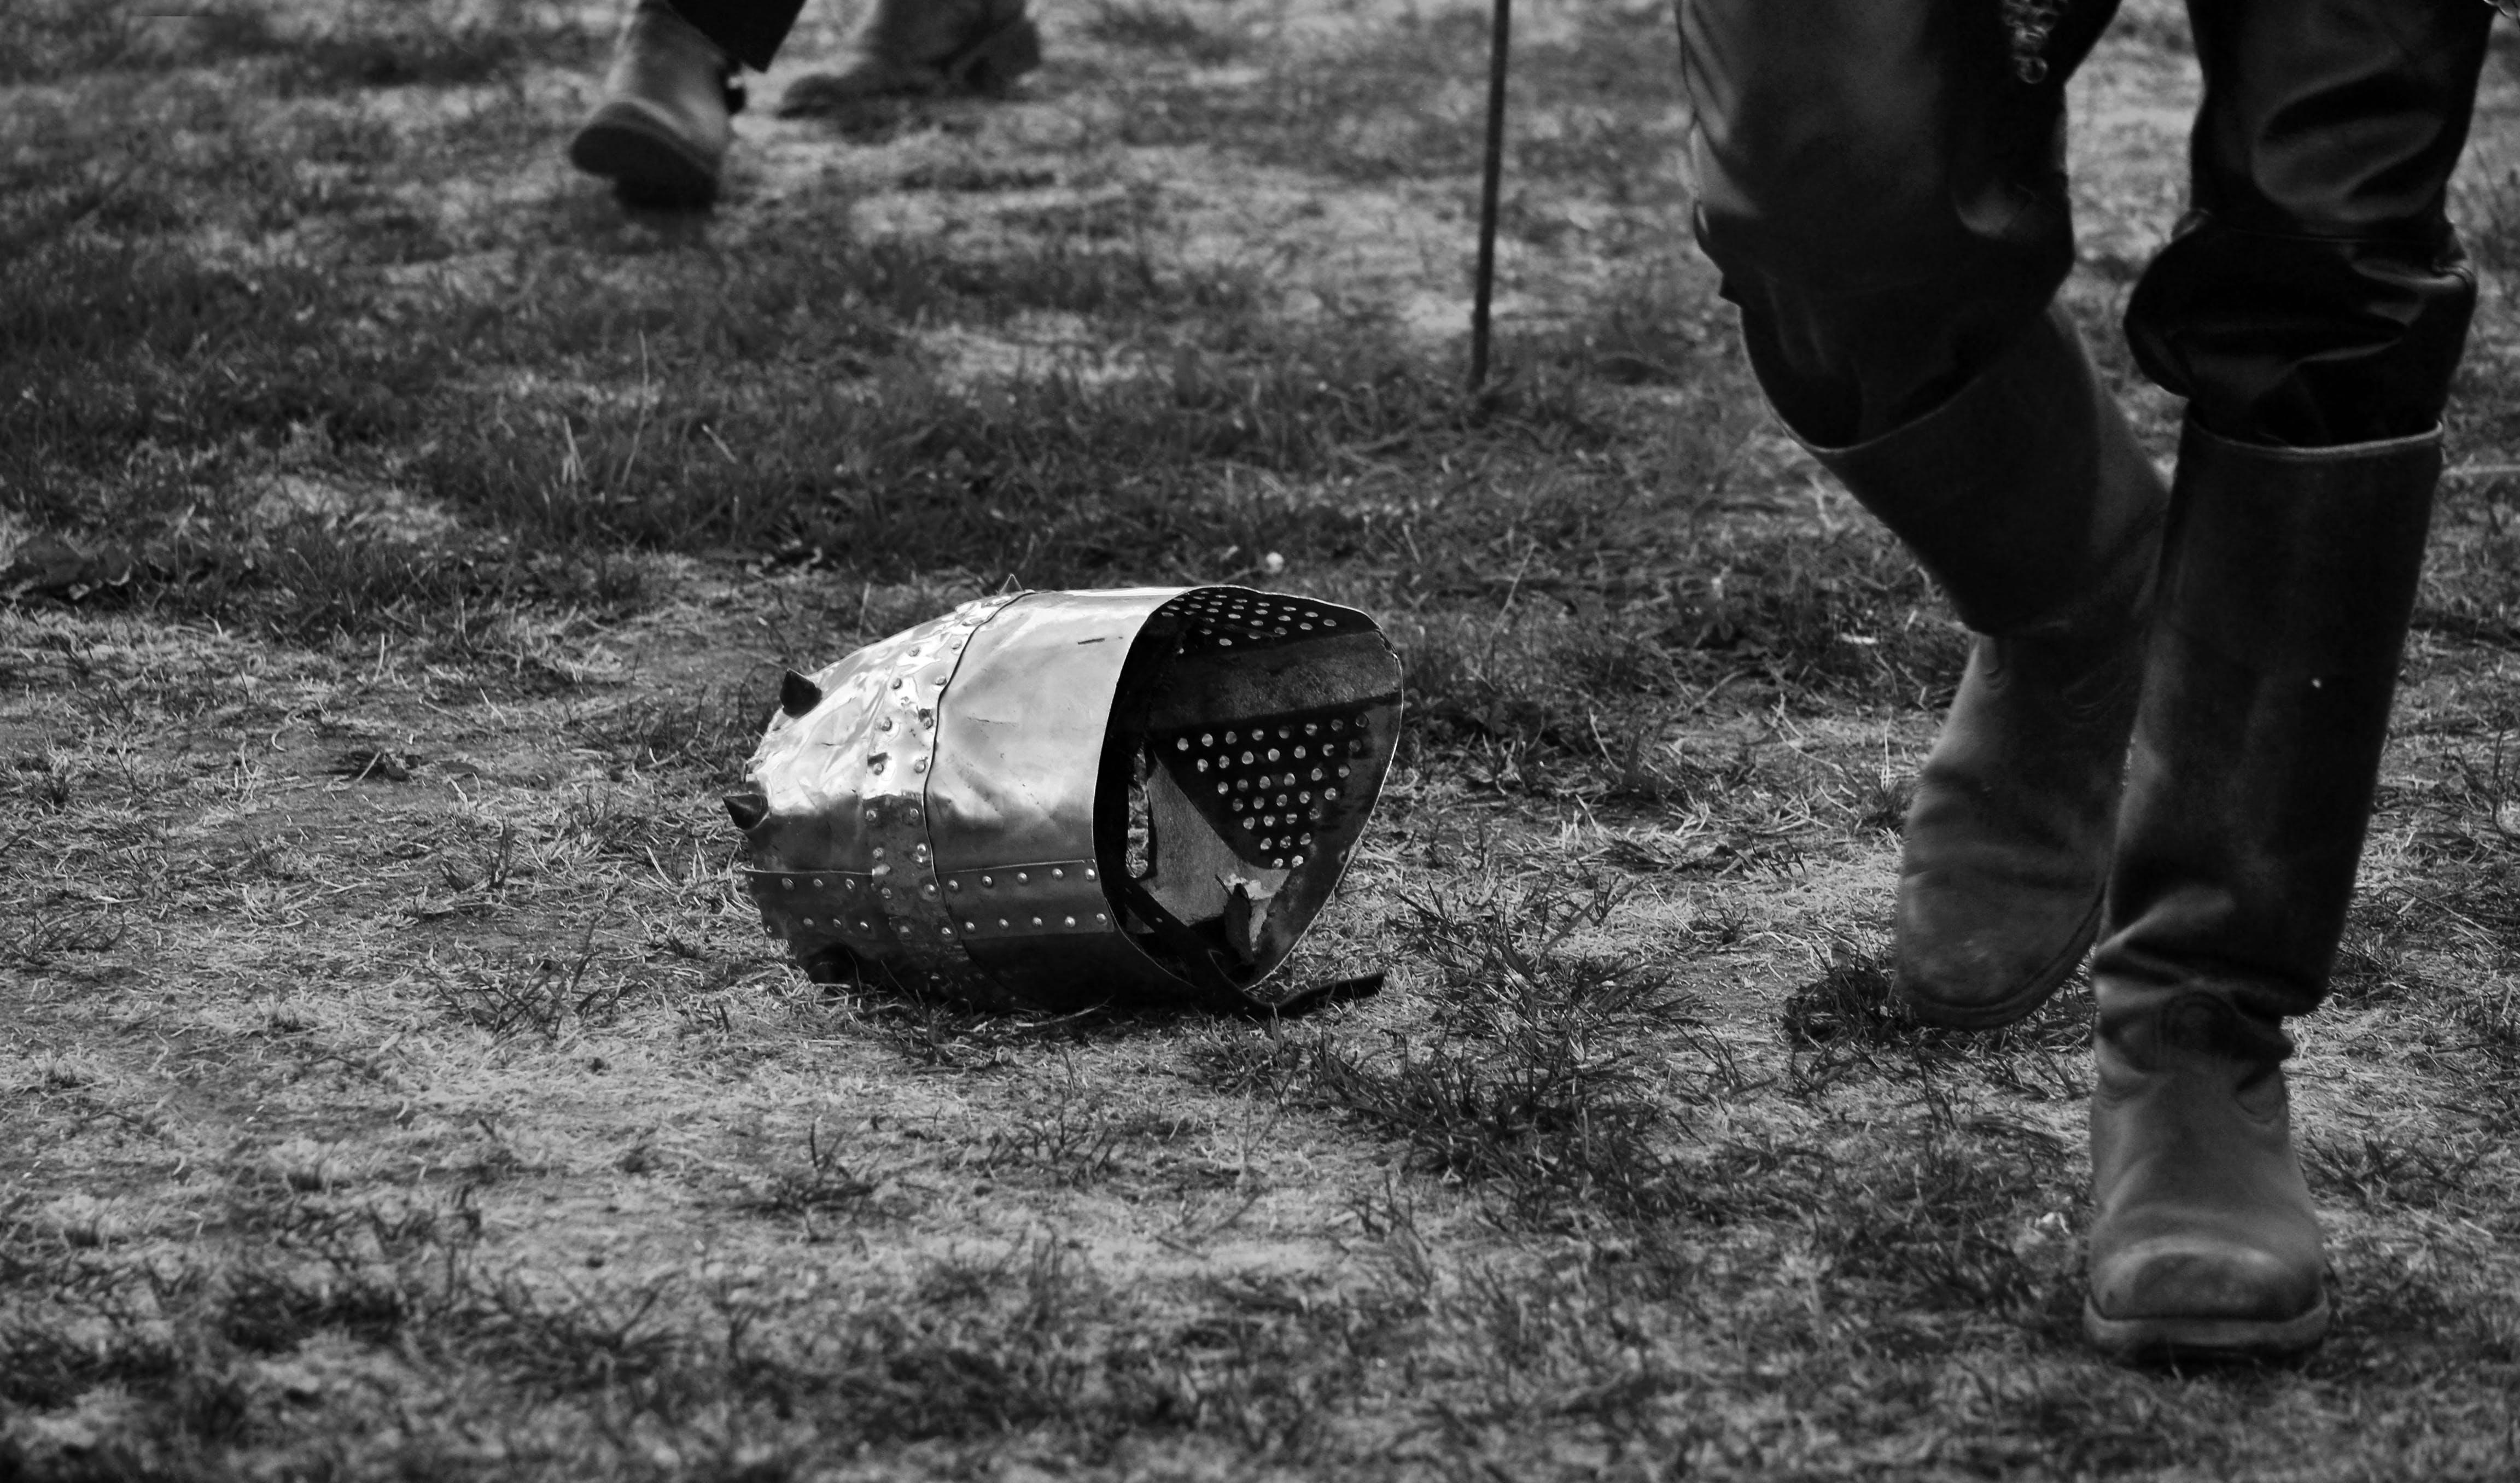 Kostenloses Stock Foto zu gefecht, hat verloren, kampf, kämpfer